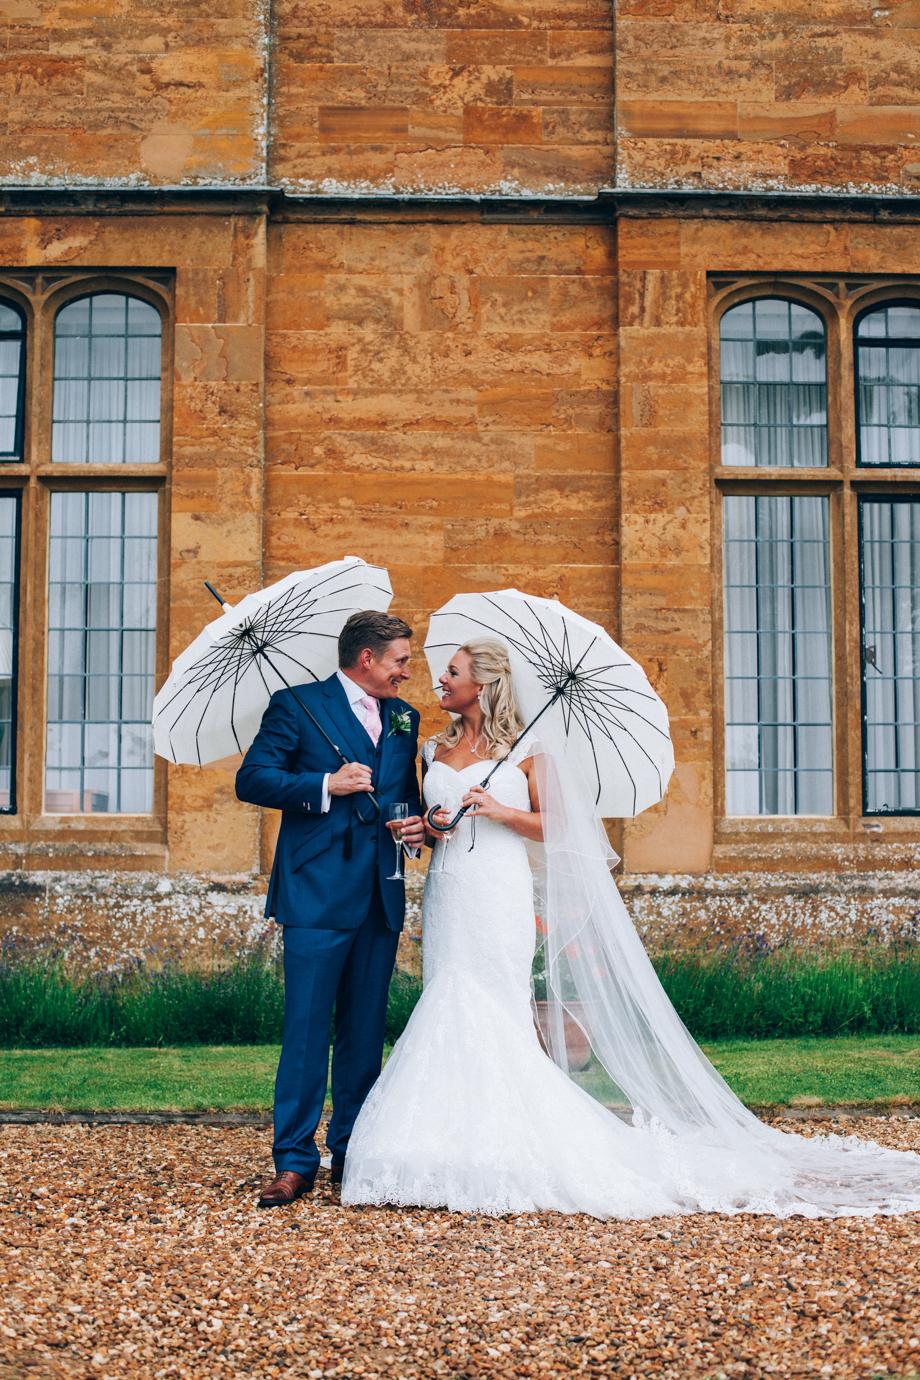 Creative-Wedding-Photographer-Northampton-44